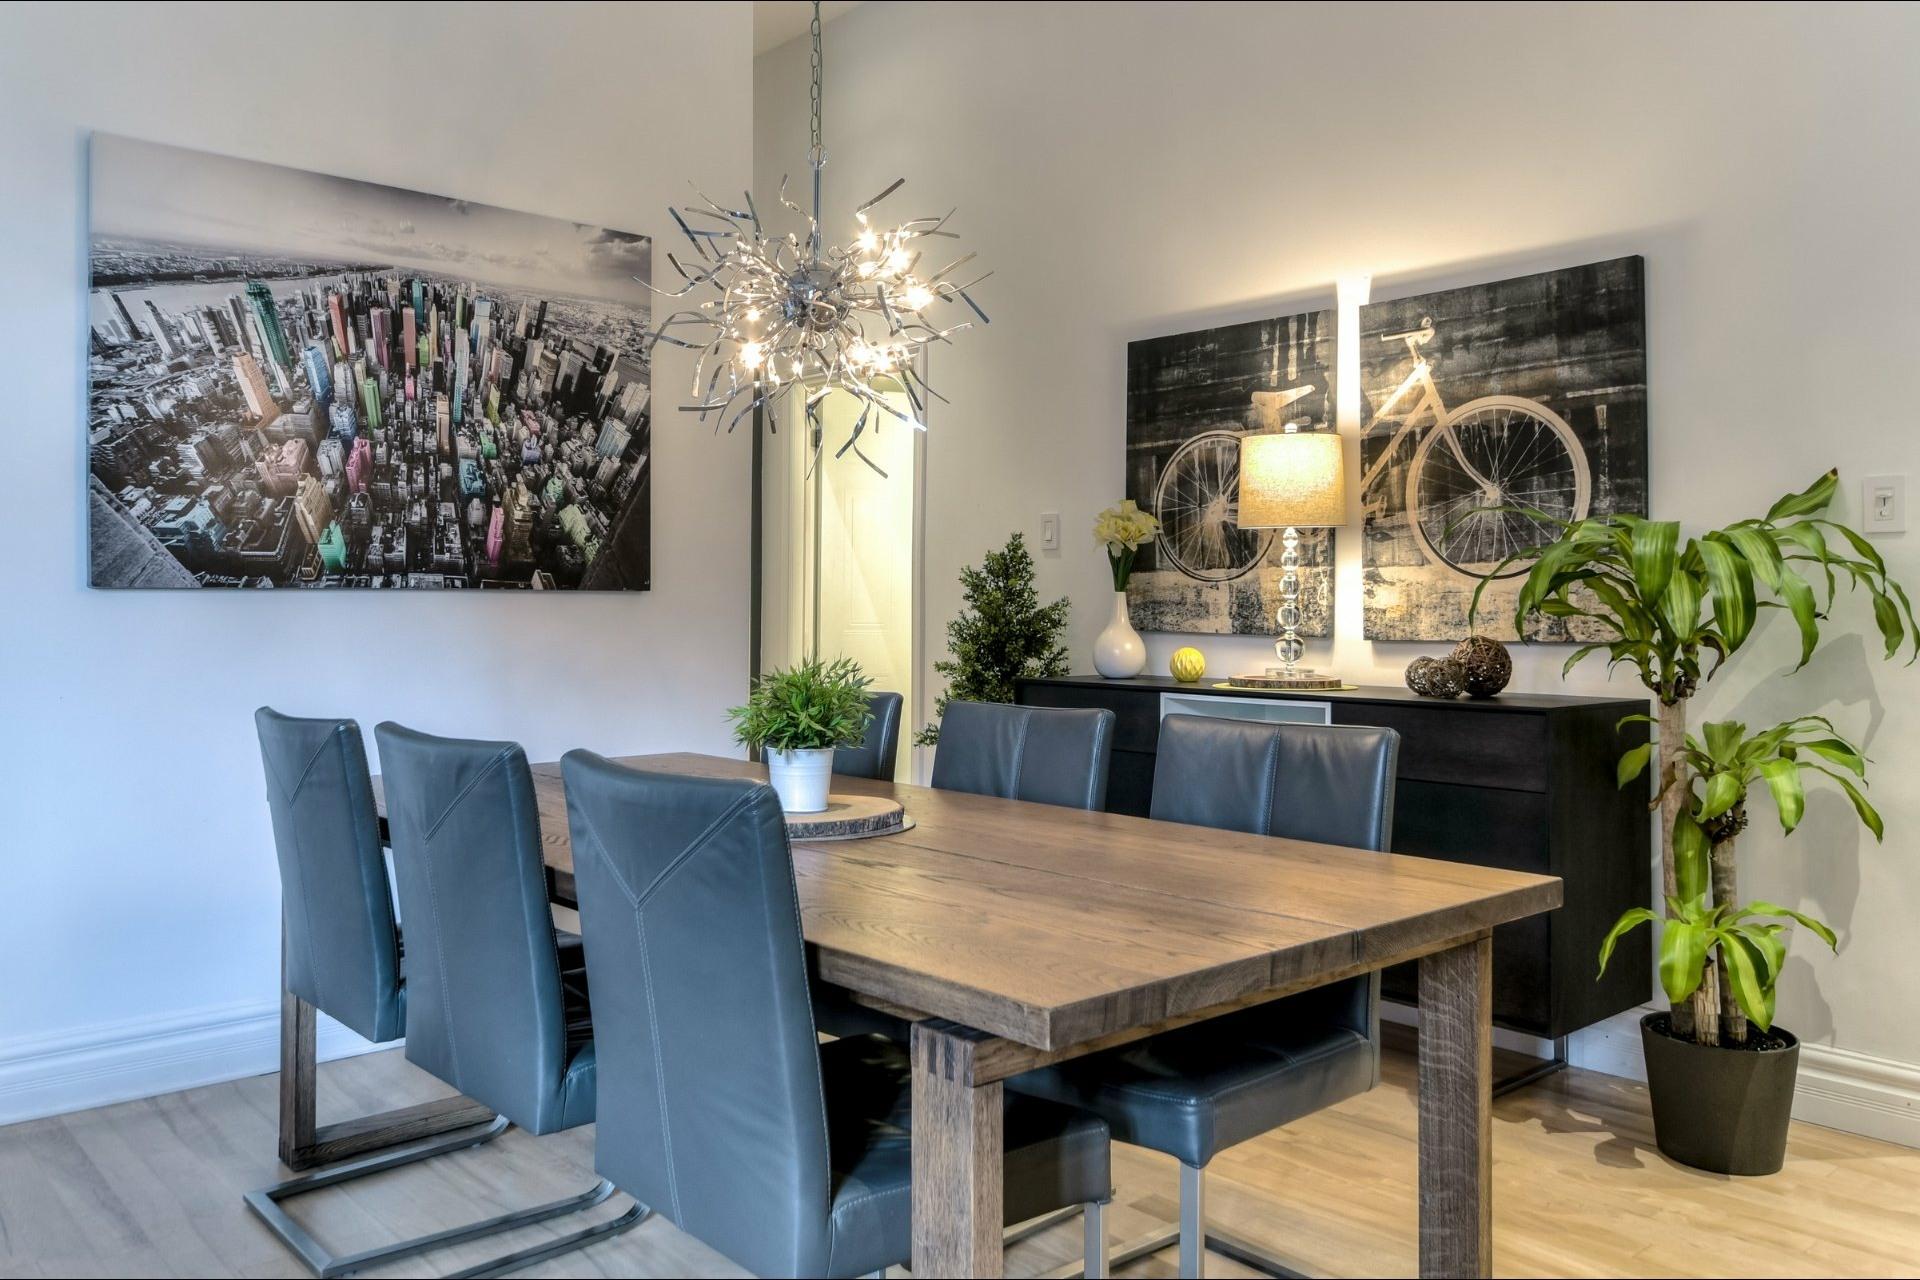 image 9 - Appartement À louer Montréal Ville-Marie  - 6 pièces